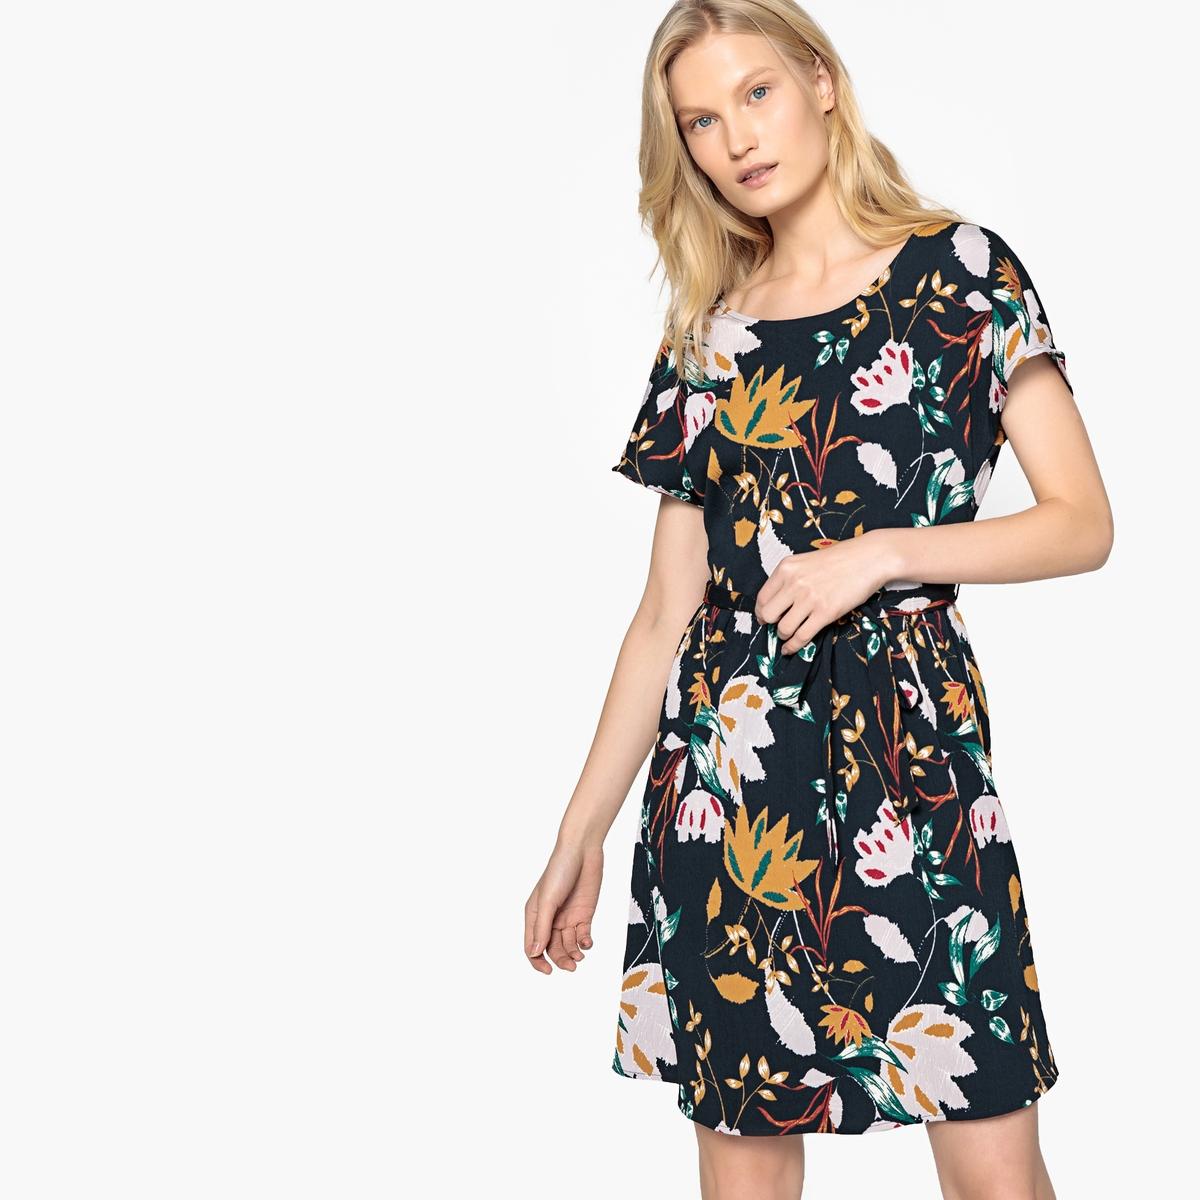 Платье короткое с короткими рукавами и поясом season4reason season4reason платье с поясом 168056